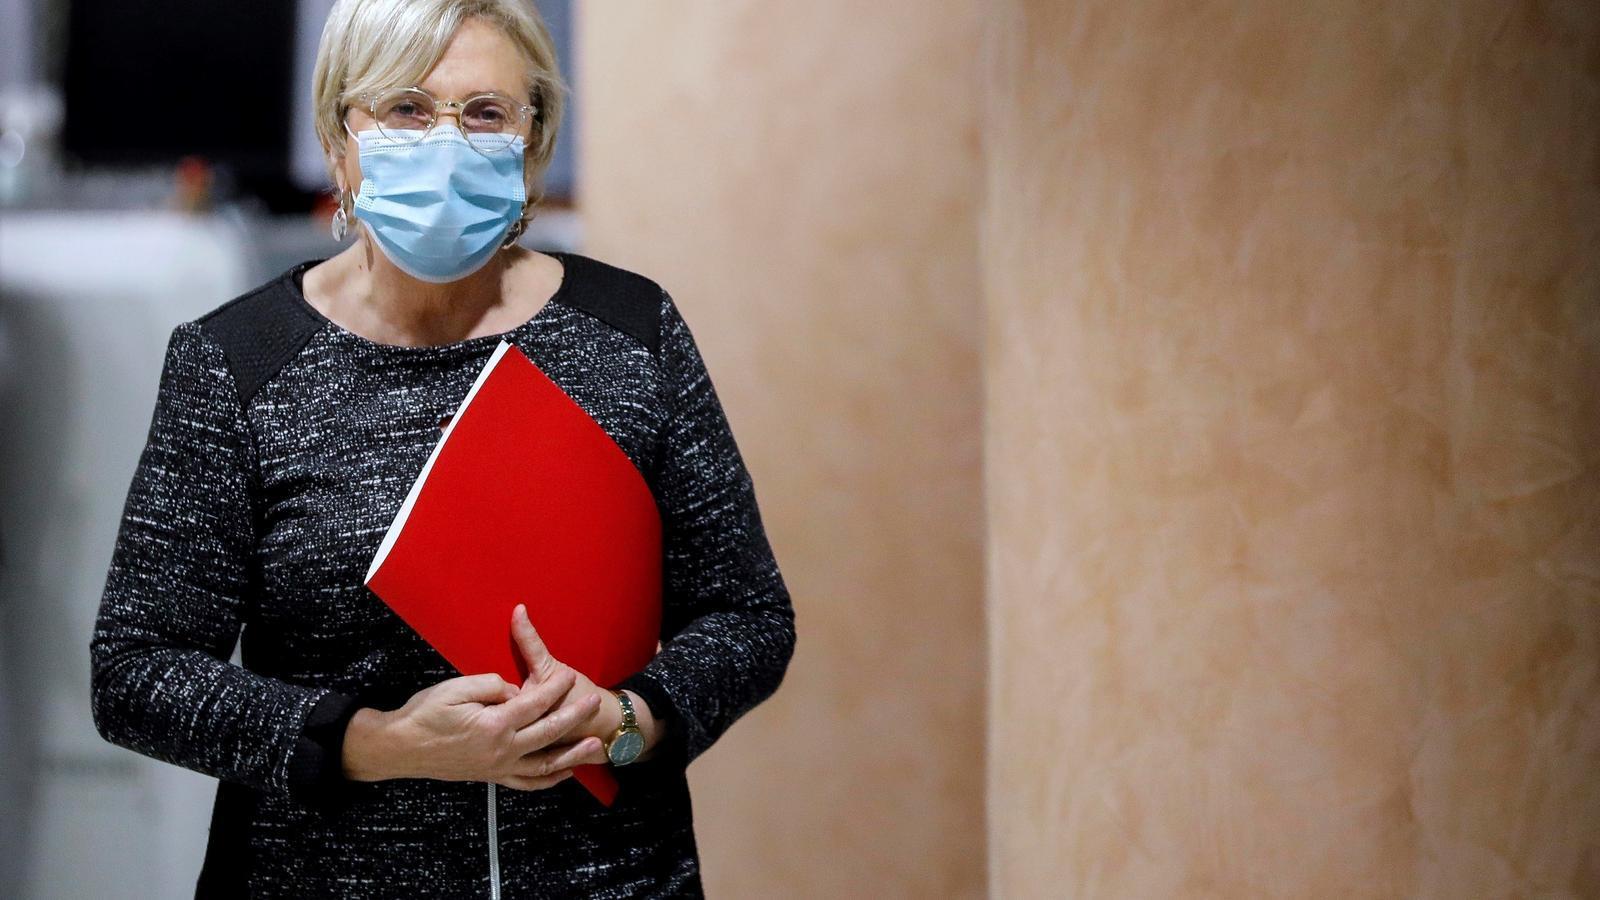 La consellera de Sanitat Universal i Salut Pública, Ana Barceló, moments abans de comparèixer aquest dilluns